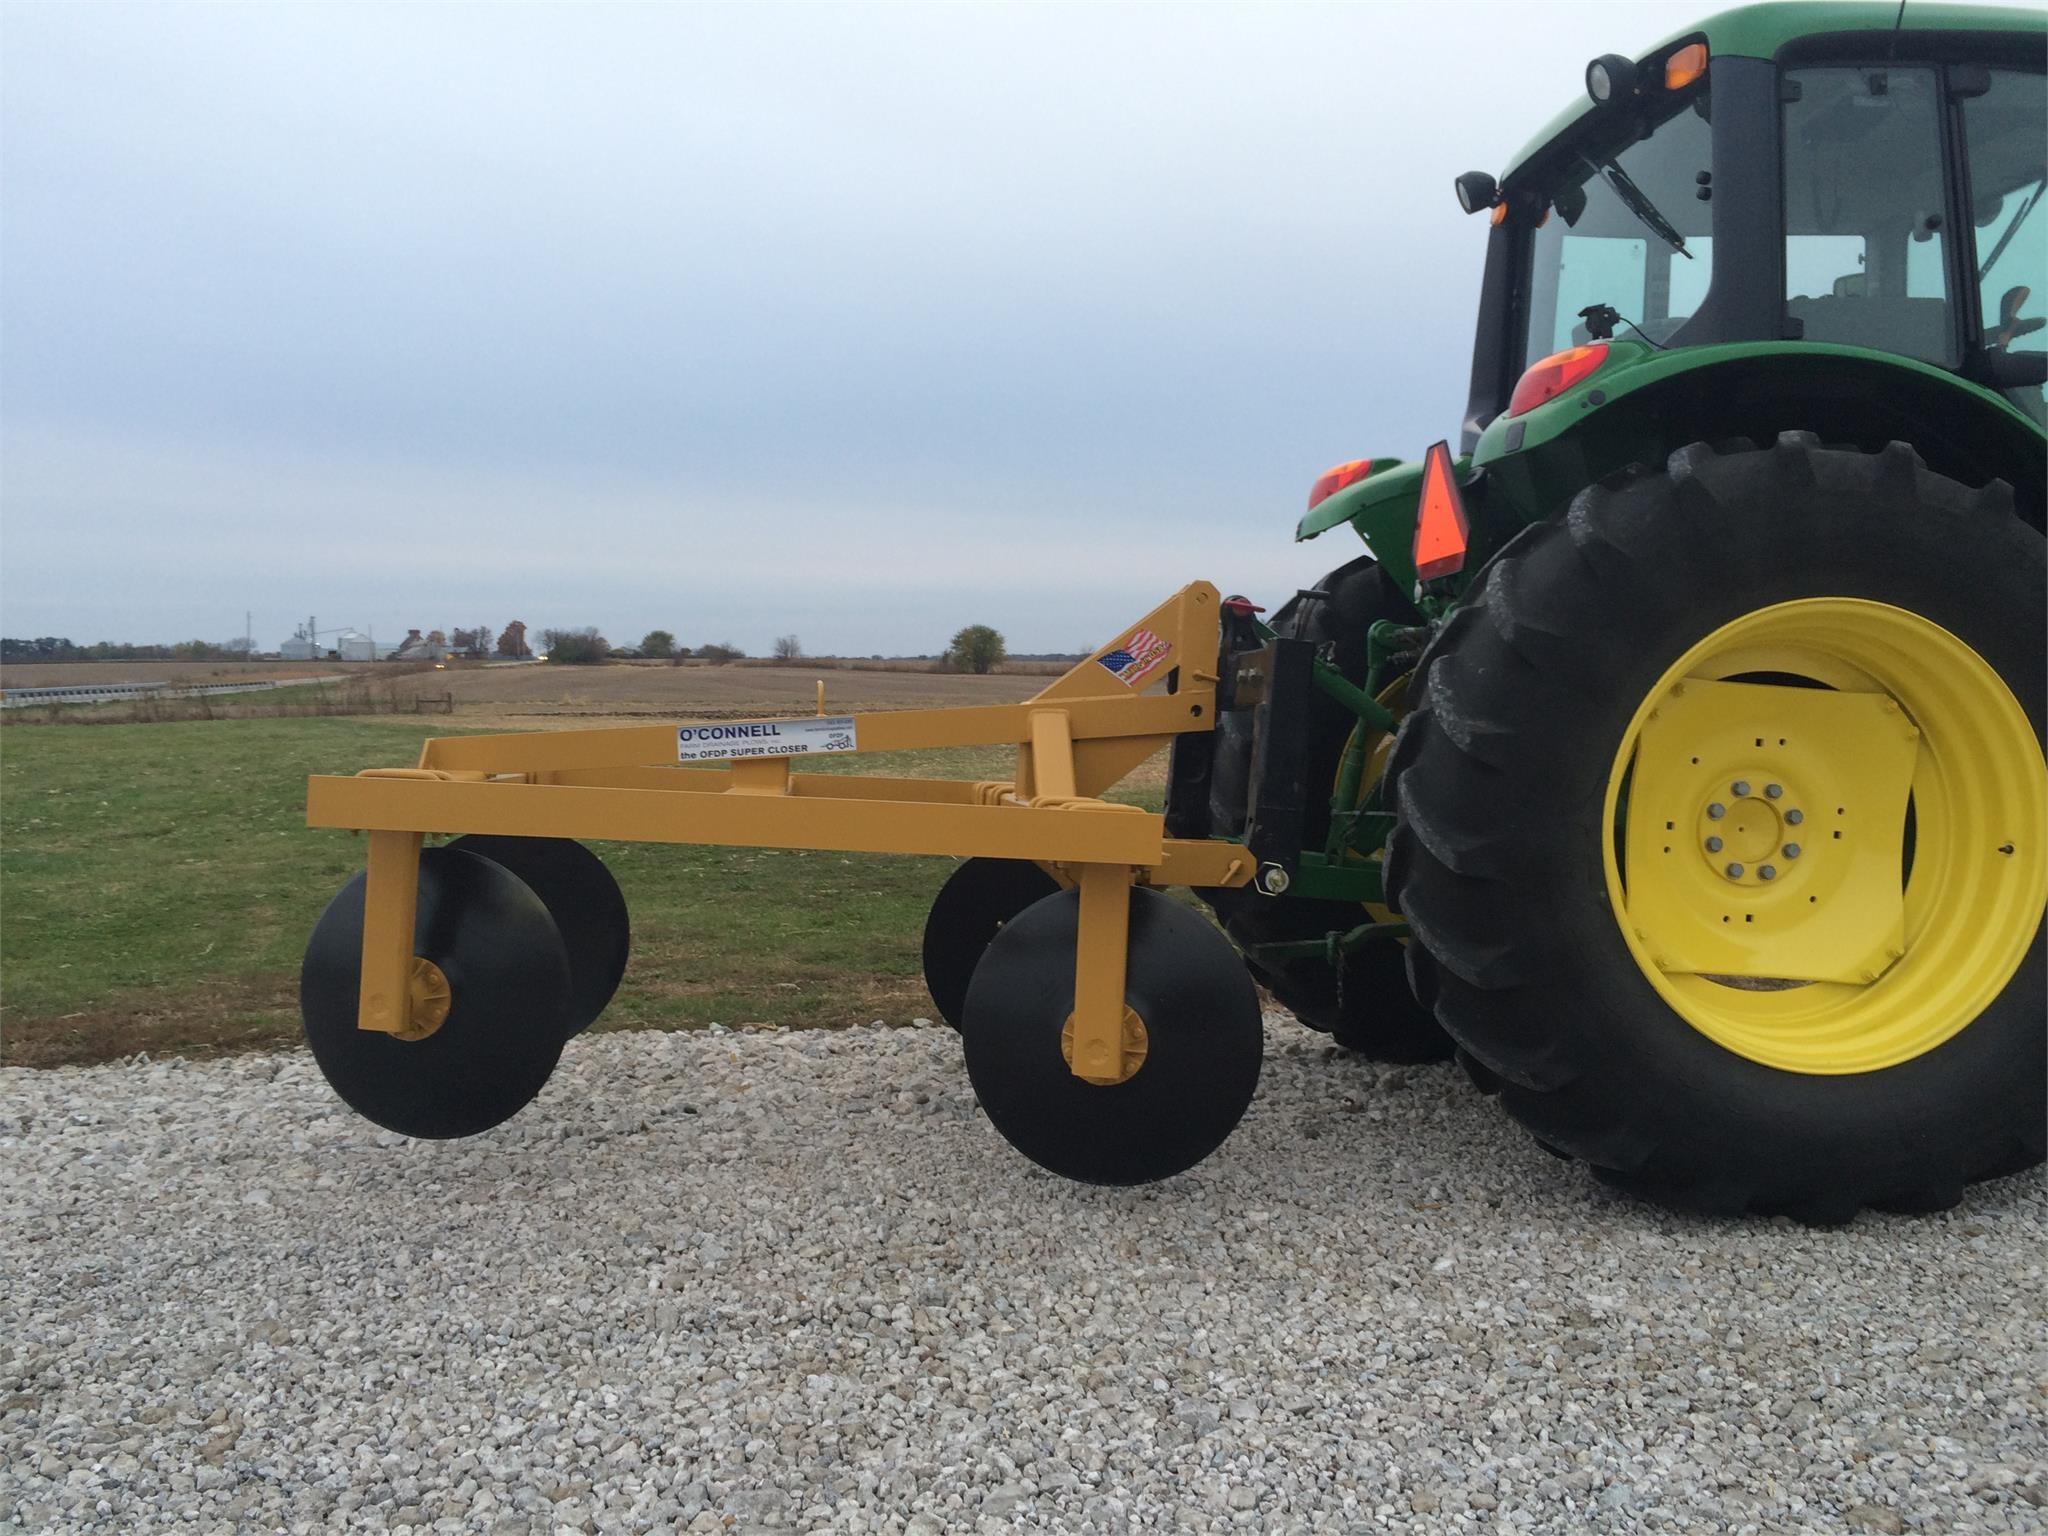 O'CONNELL FARM DRAINAGE PLOWS INC Super Closer Field Drainage Equipment